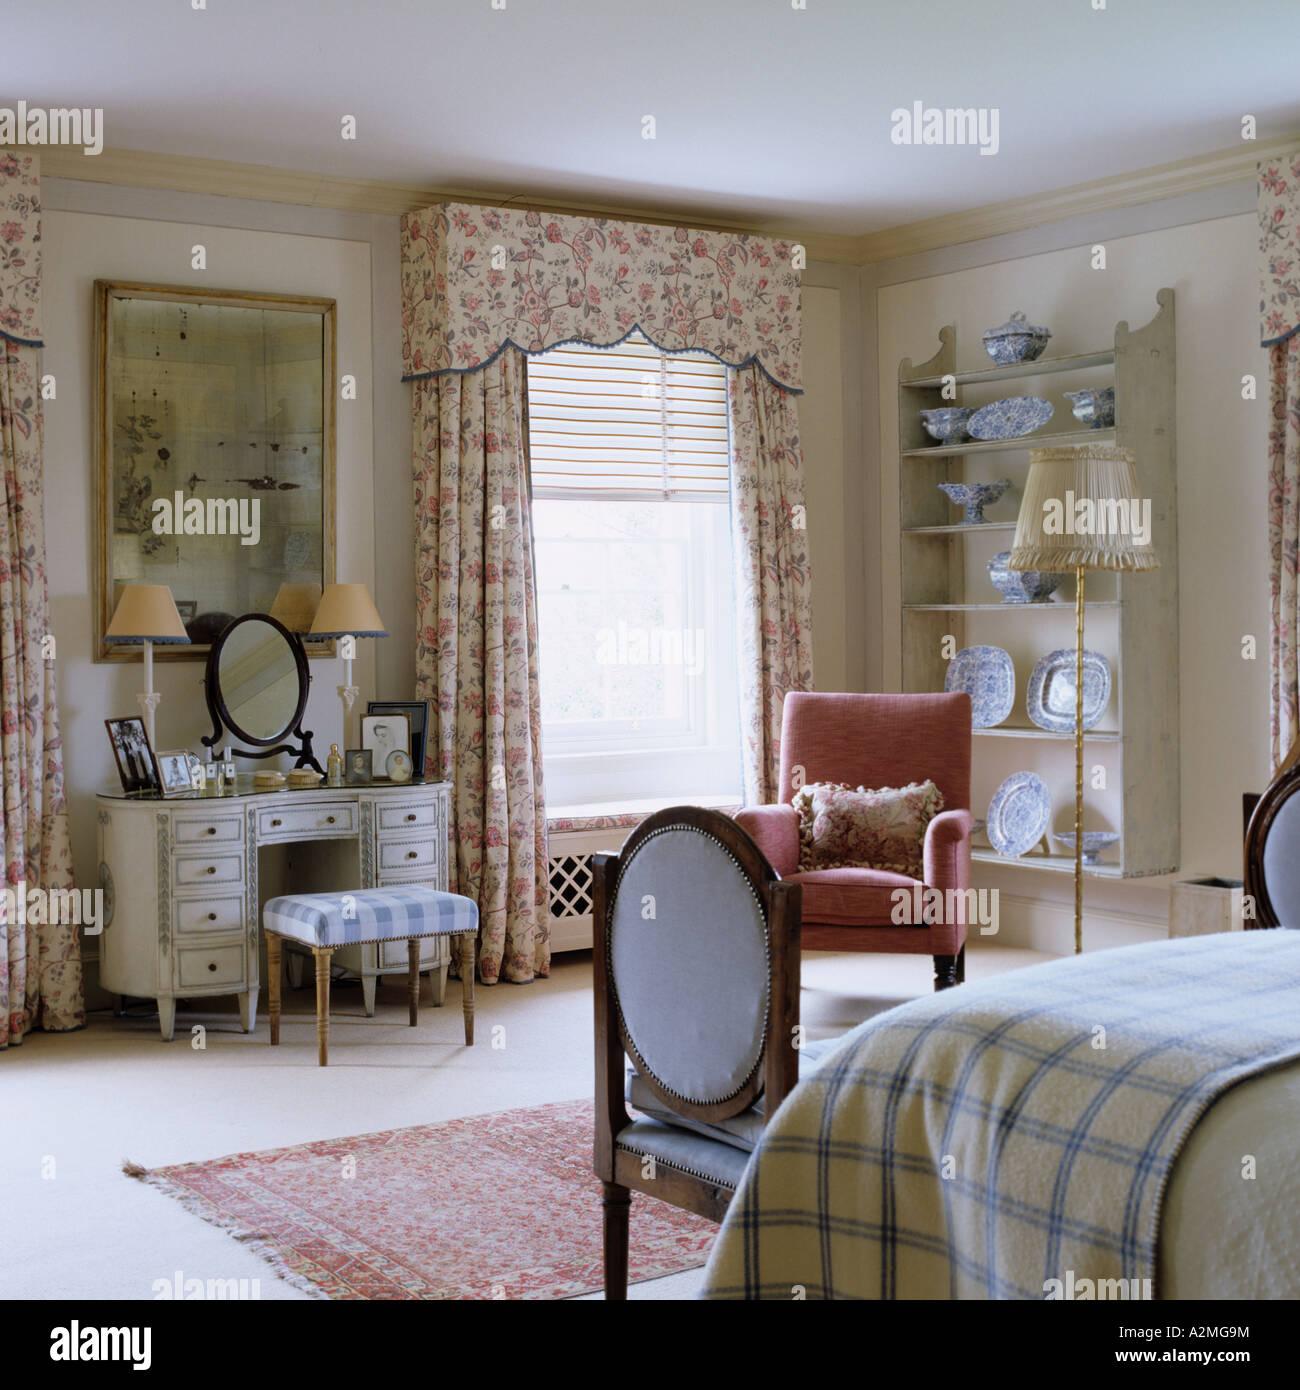 Schlafzimmer mit gemusterten Vorhängen und Schminktisch in ...